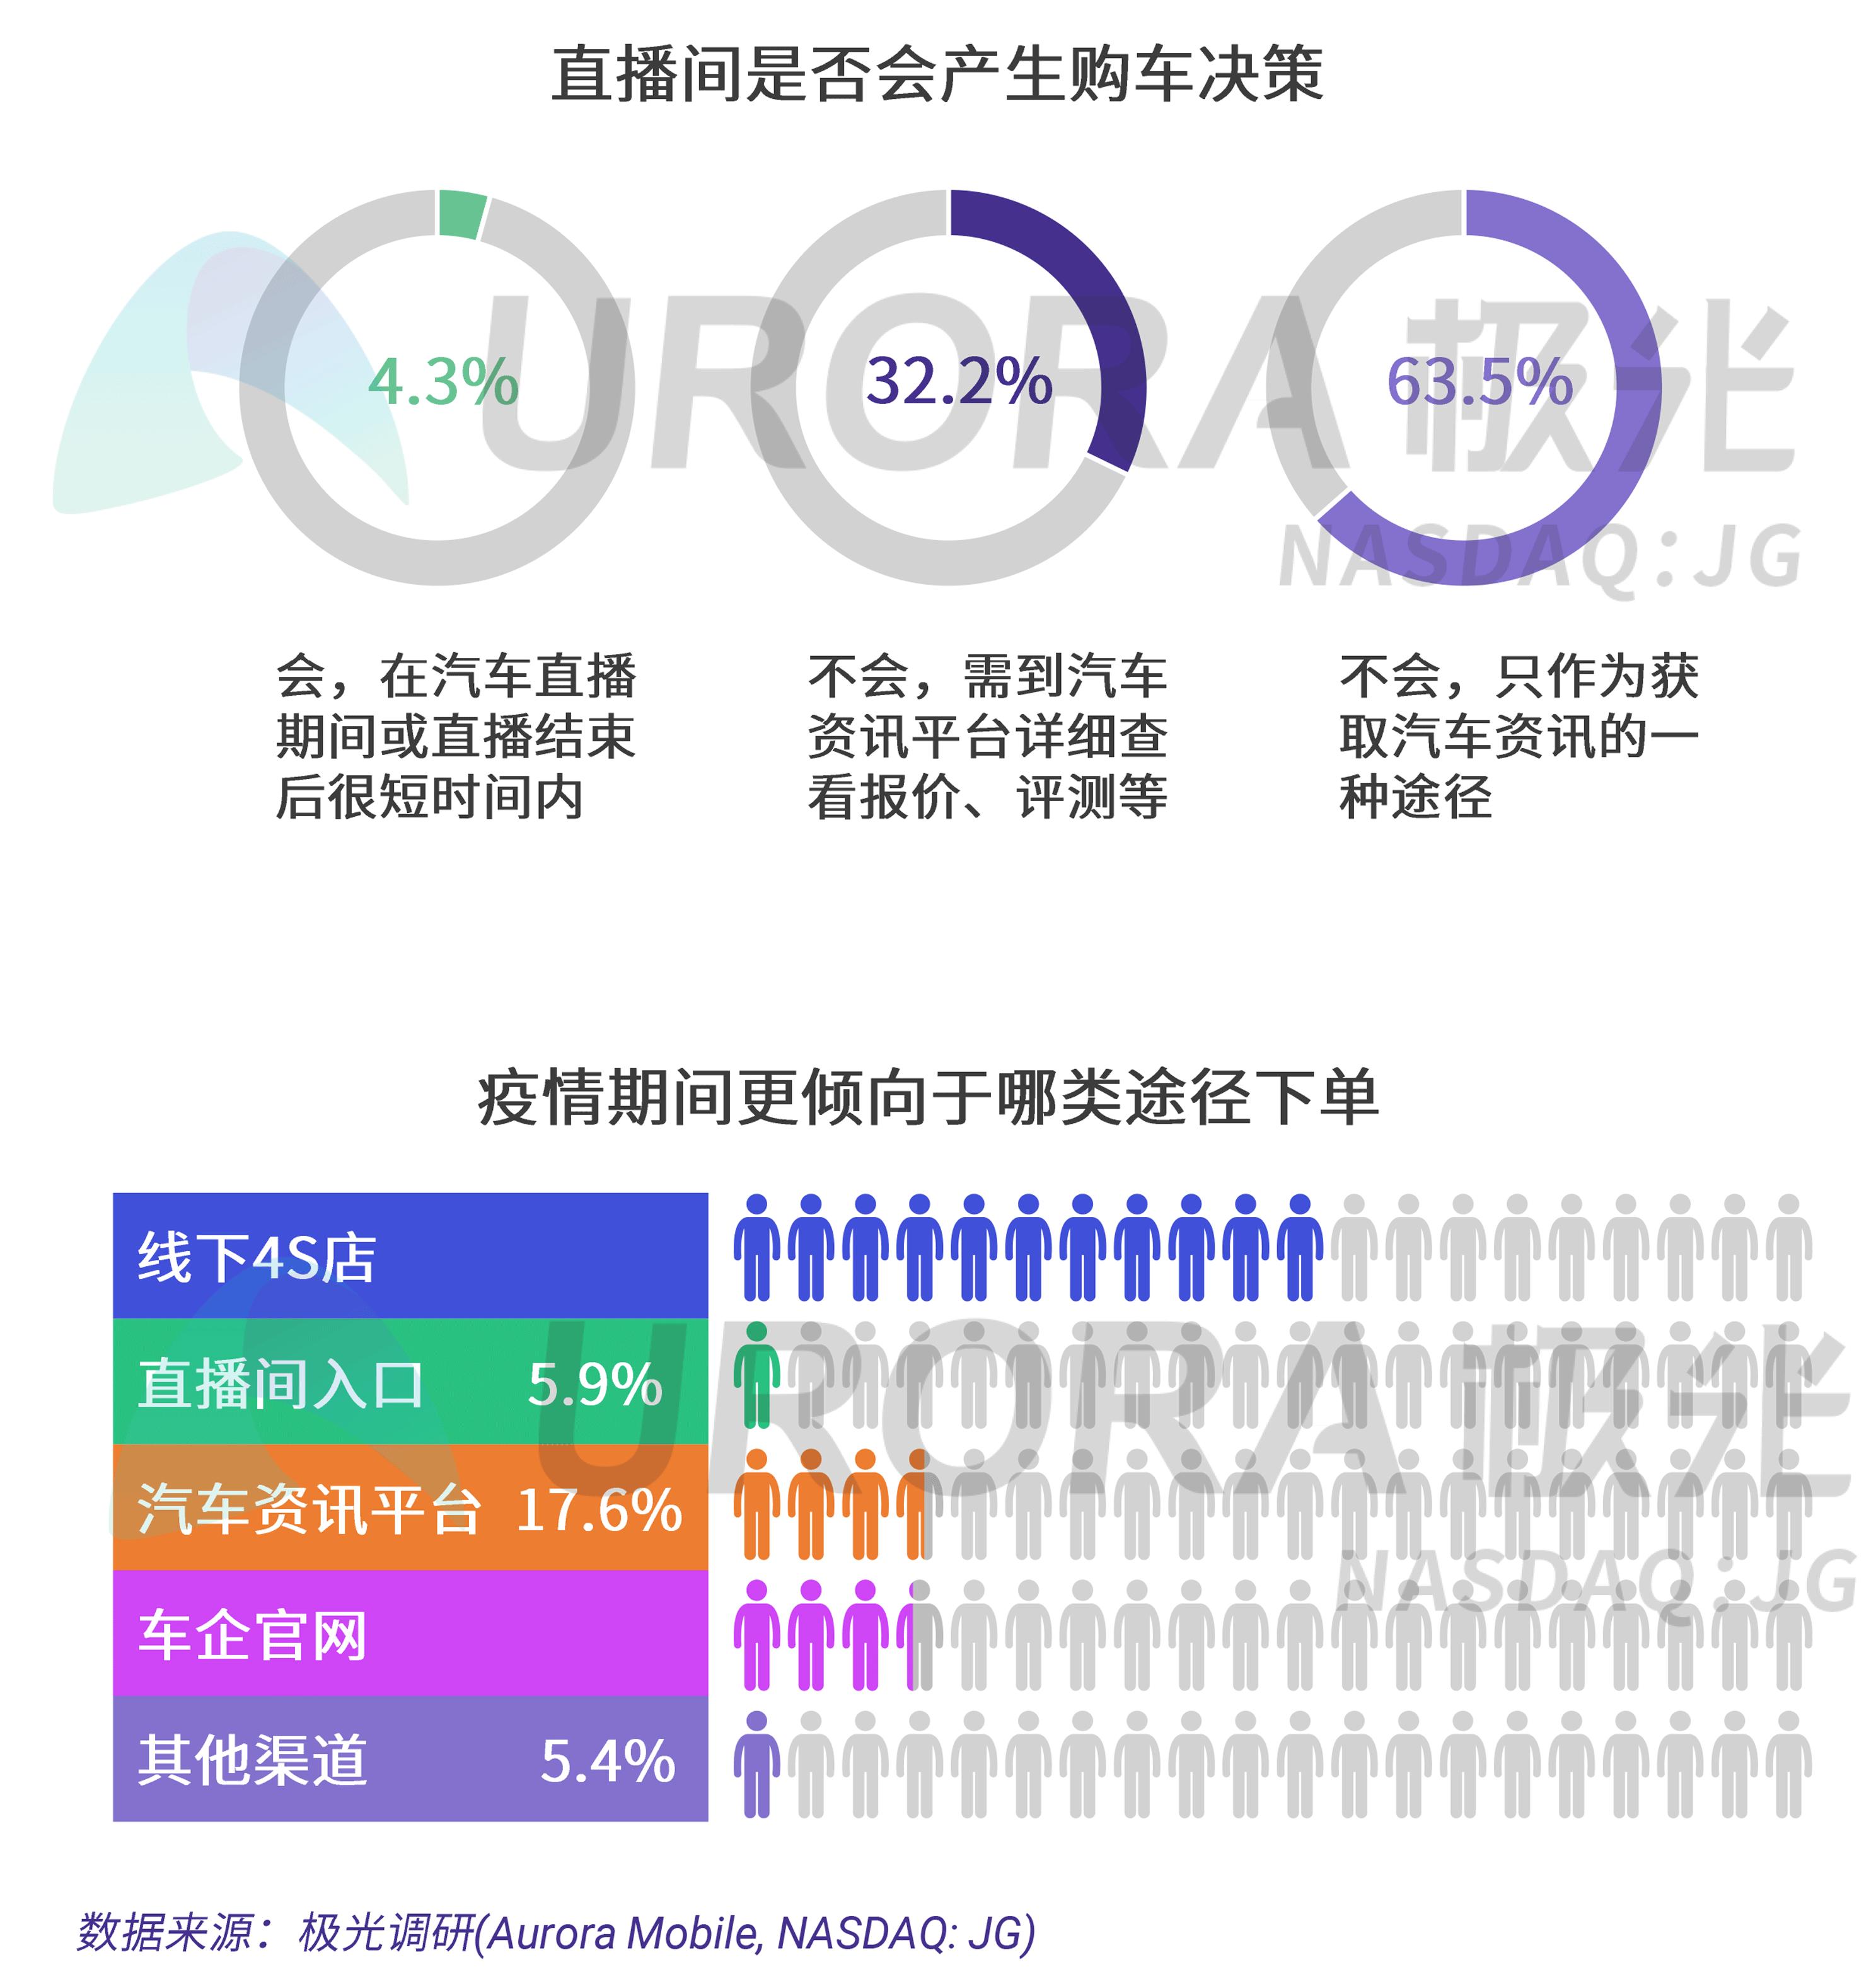 极光:疫情下的汽车直播研究报告 (14).png